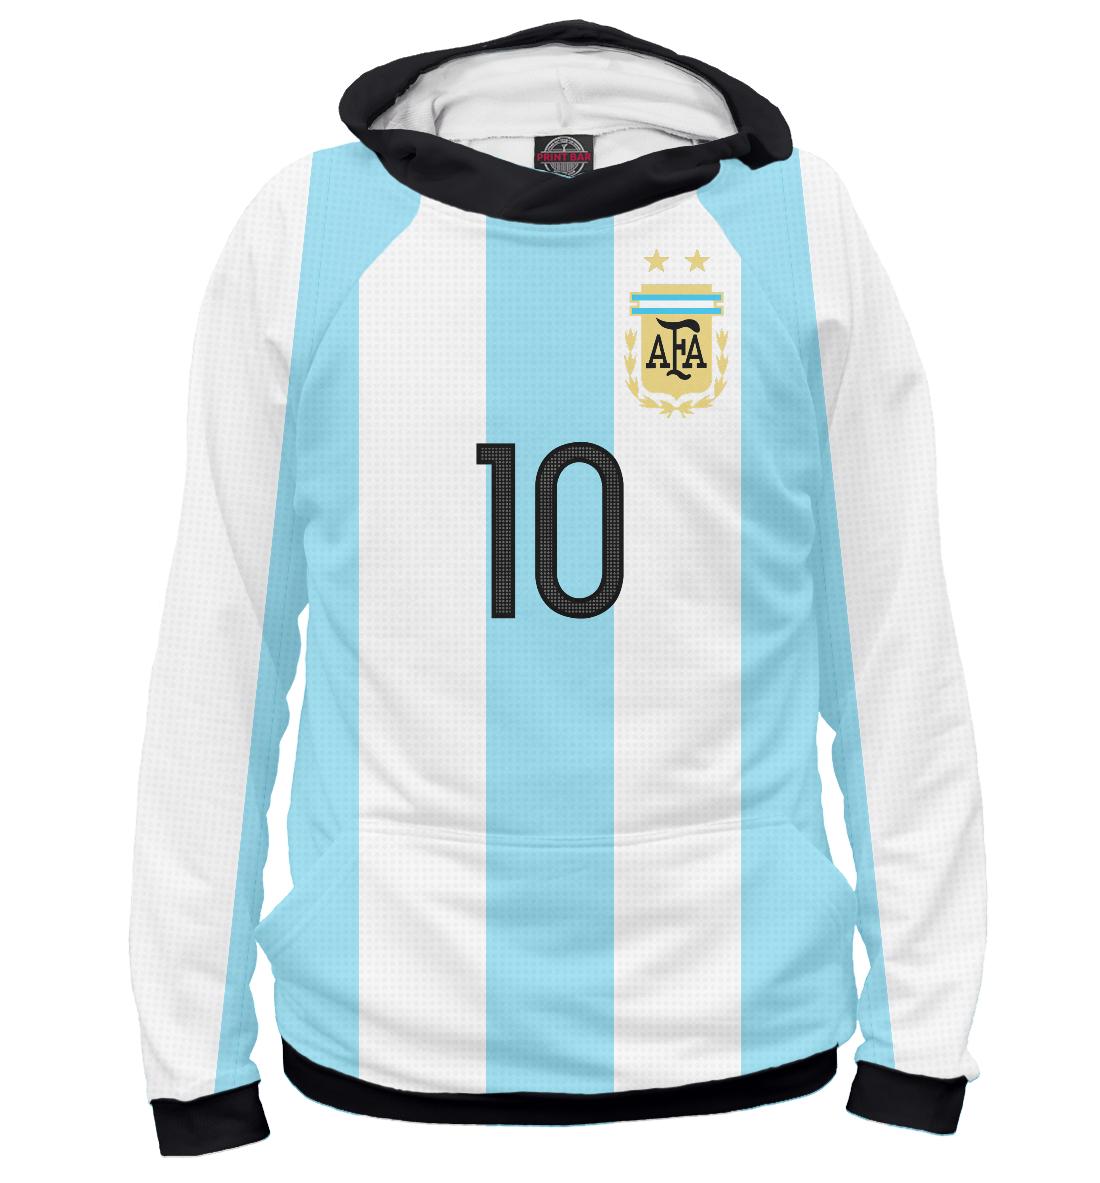 Купить Месси Форма Сборной Аргентины, Printbar, Худи, FNS-248985-hud-1